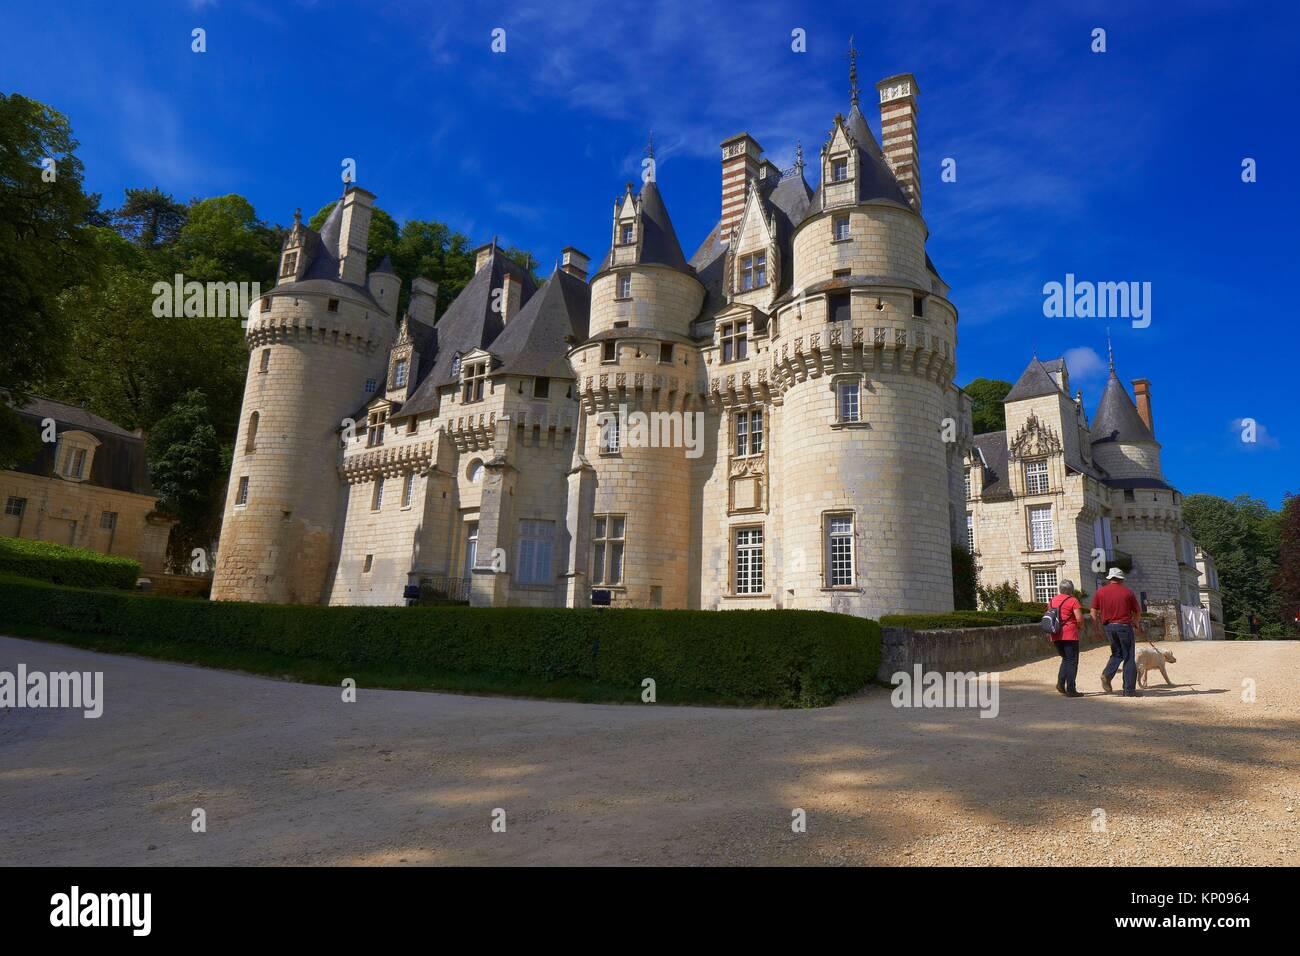 Rigny-Usse, Castle, Chateau de Usse, Usse Castle, Indre-et-Loire, Cycling Itinerary, Pays de la Loire, Loire Valley, - Stock Image